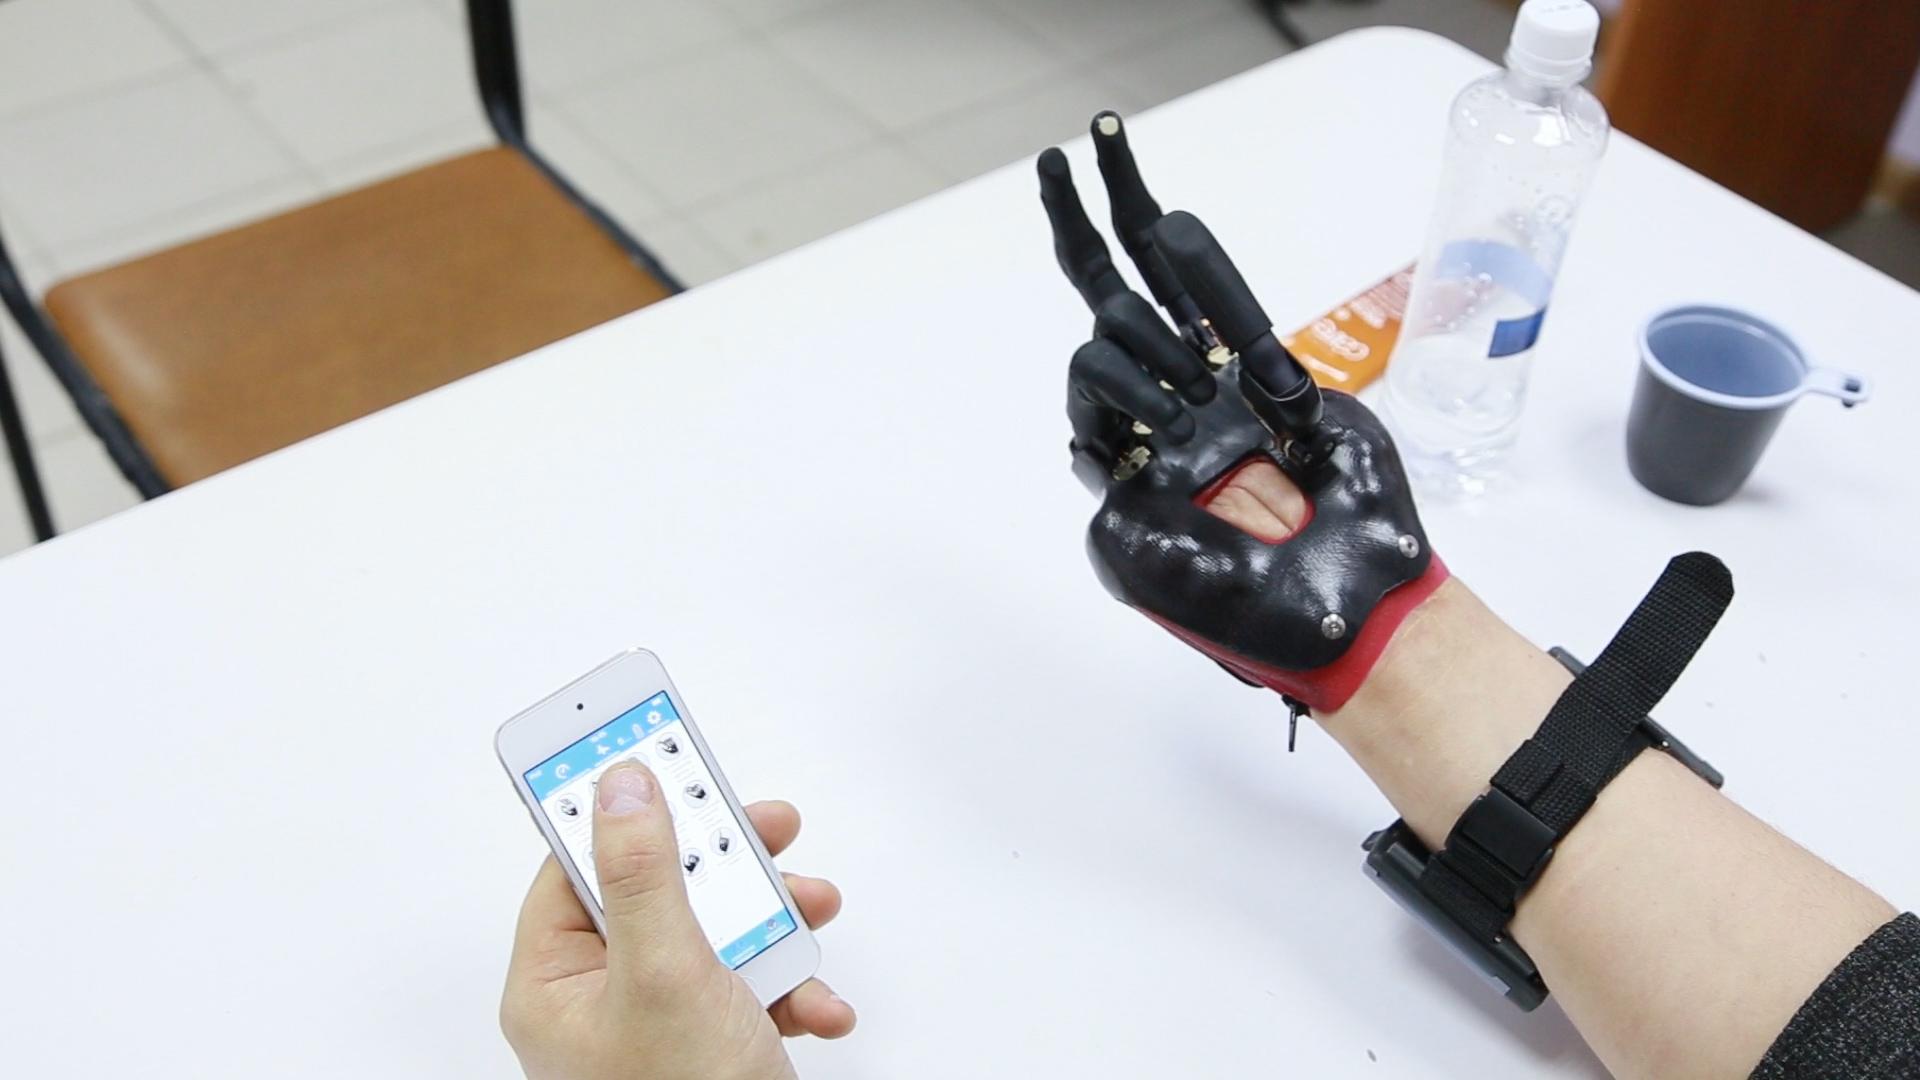 Такой киберпротез позволяет восстановить функции живой руки на 90 процентов